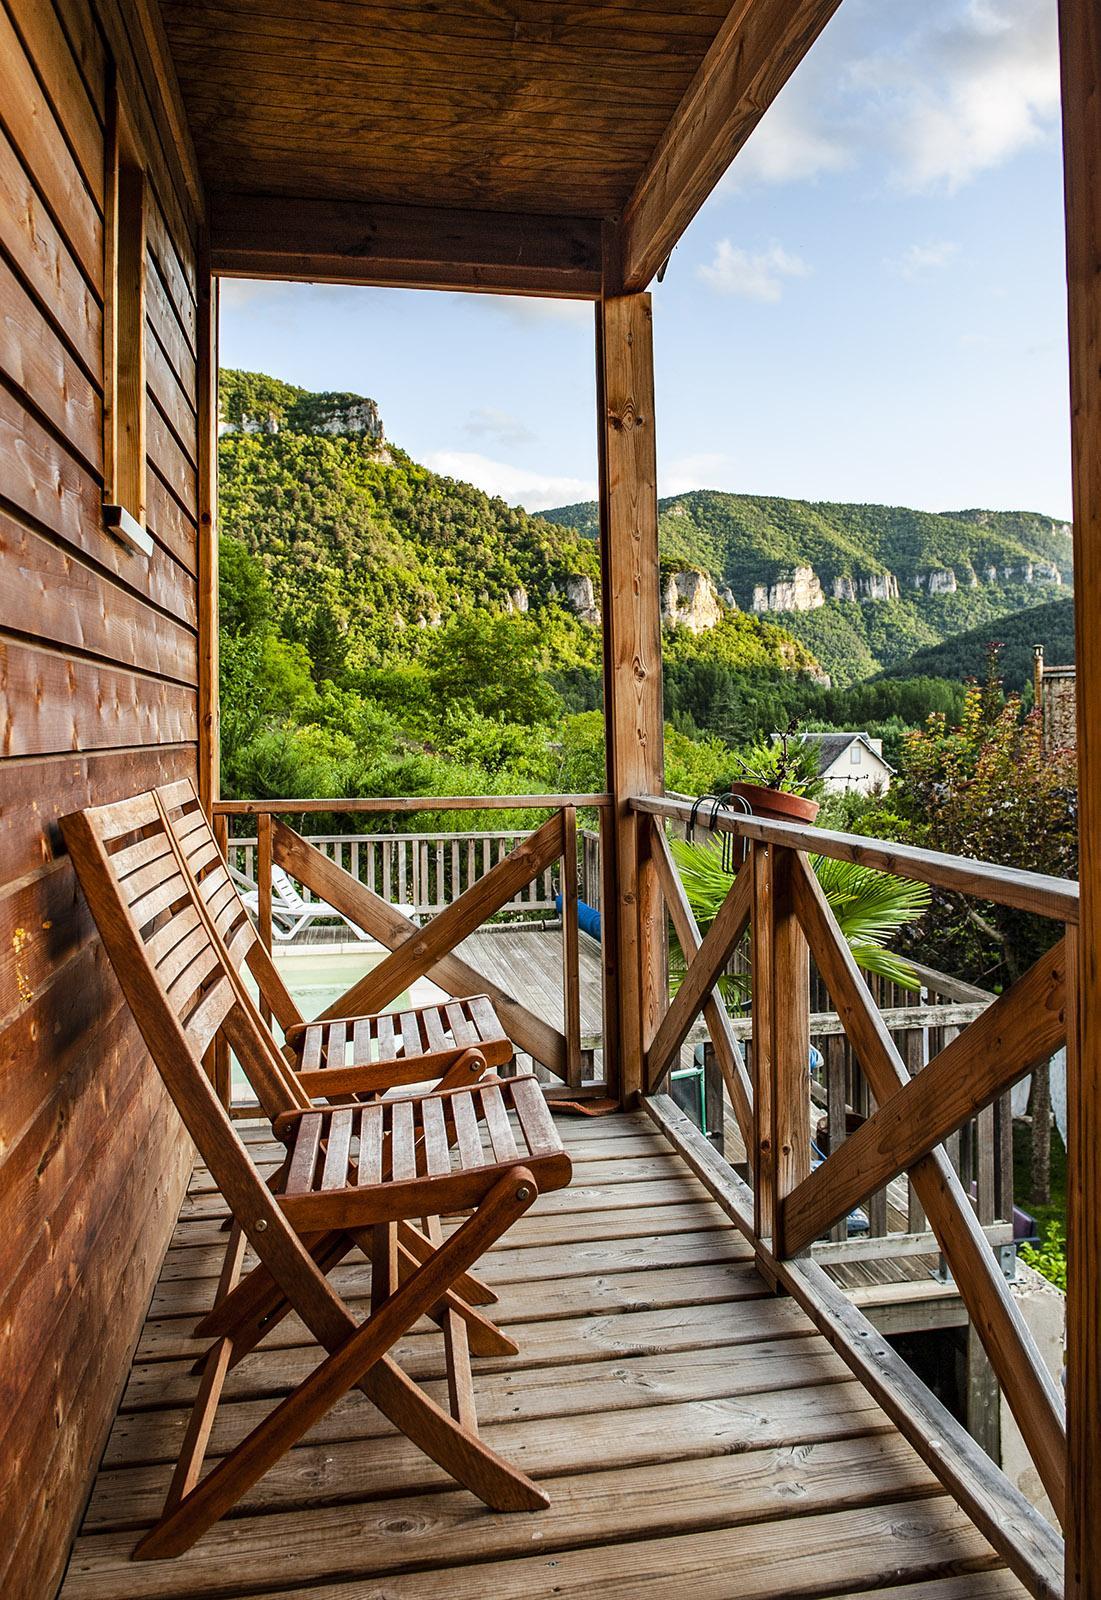 Gorges du Tarn: chambre d'hôte mit Blick auf die Schlucht. Foto: Hilke Maunder